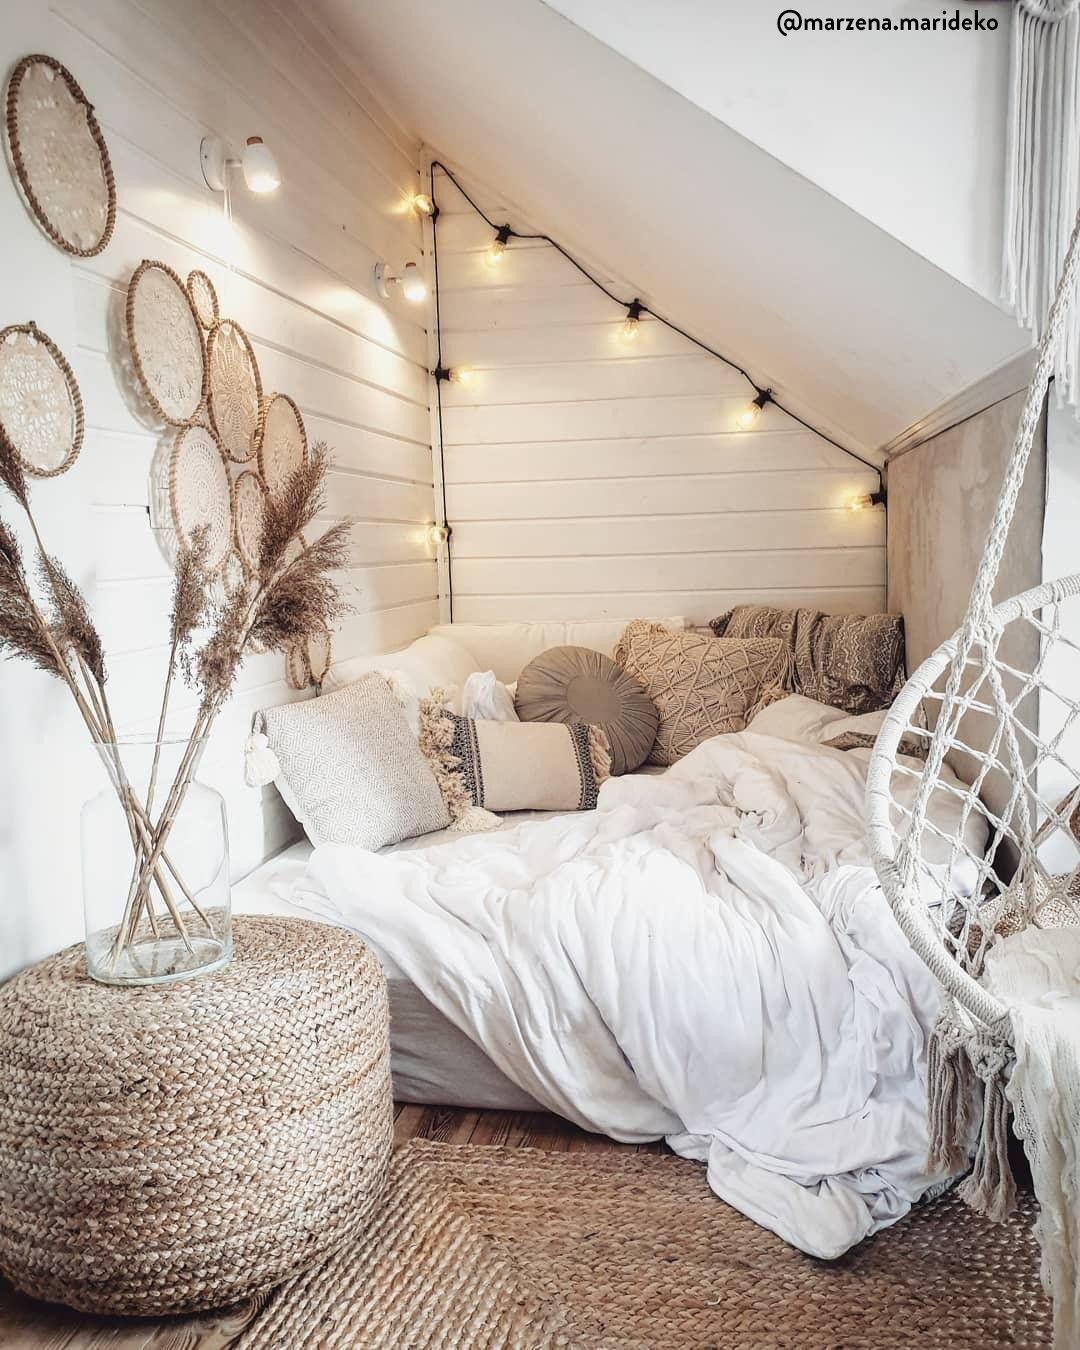 Slaapkamer inrichten? | Shop nu bij WestwingNow #roominspo